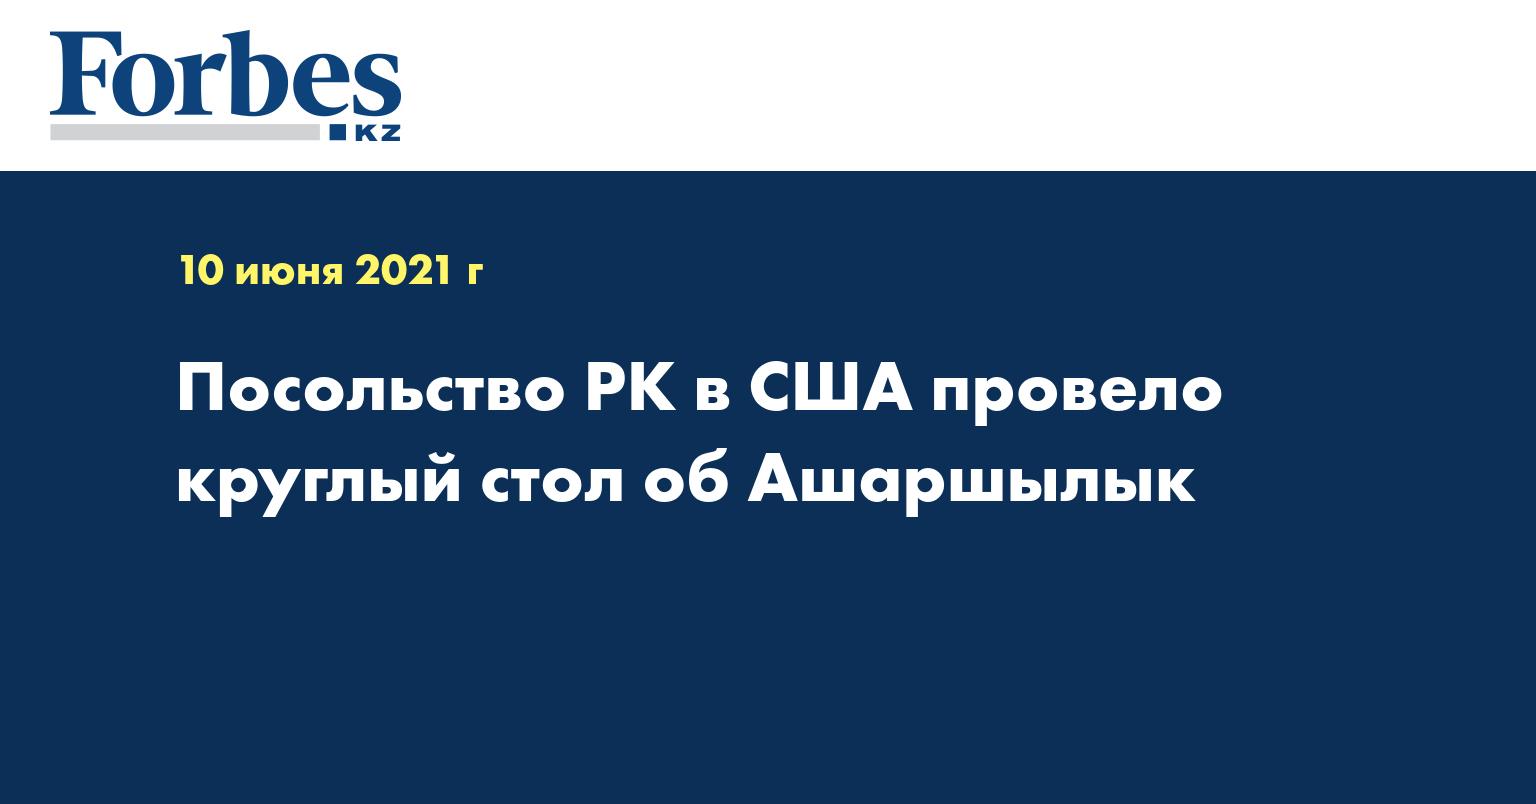 Посольство РК в США провело круглый стол об Ашаршылык